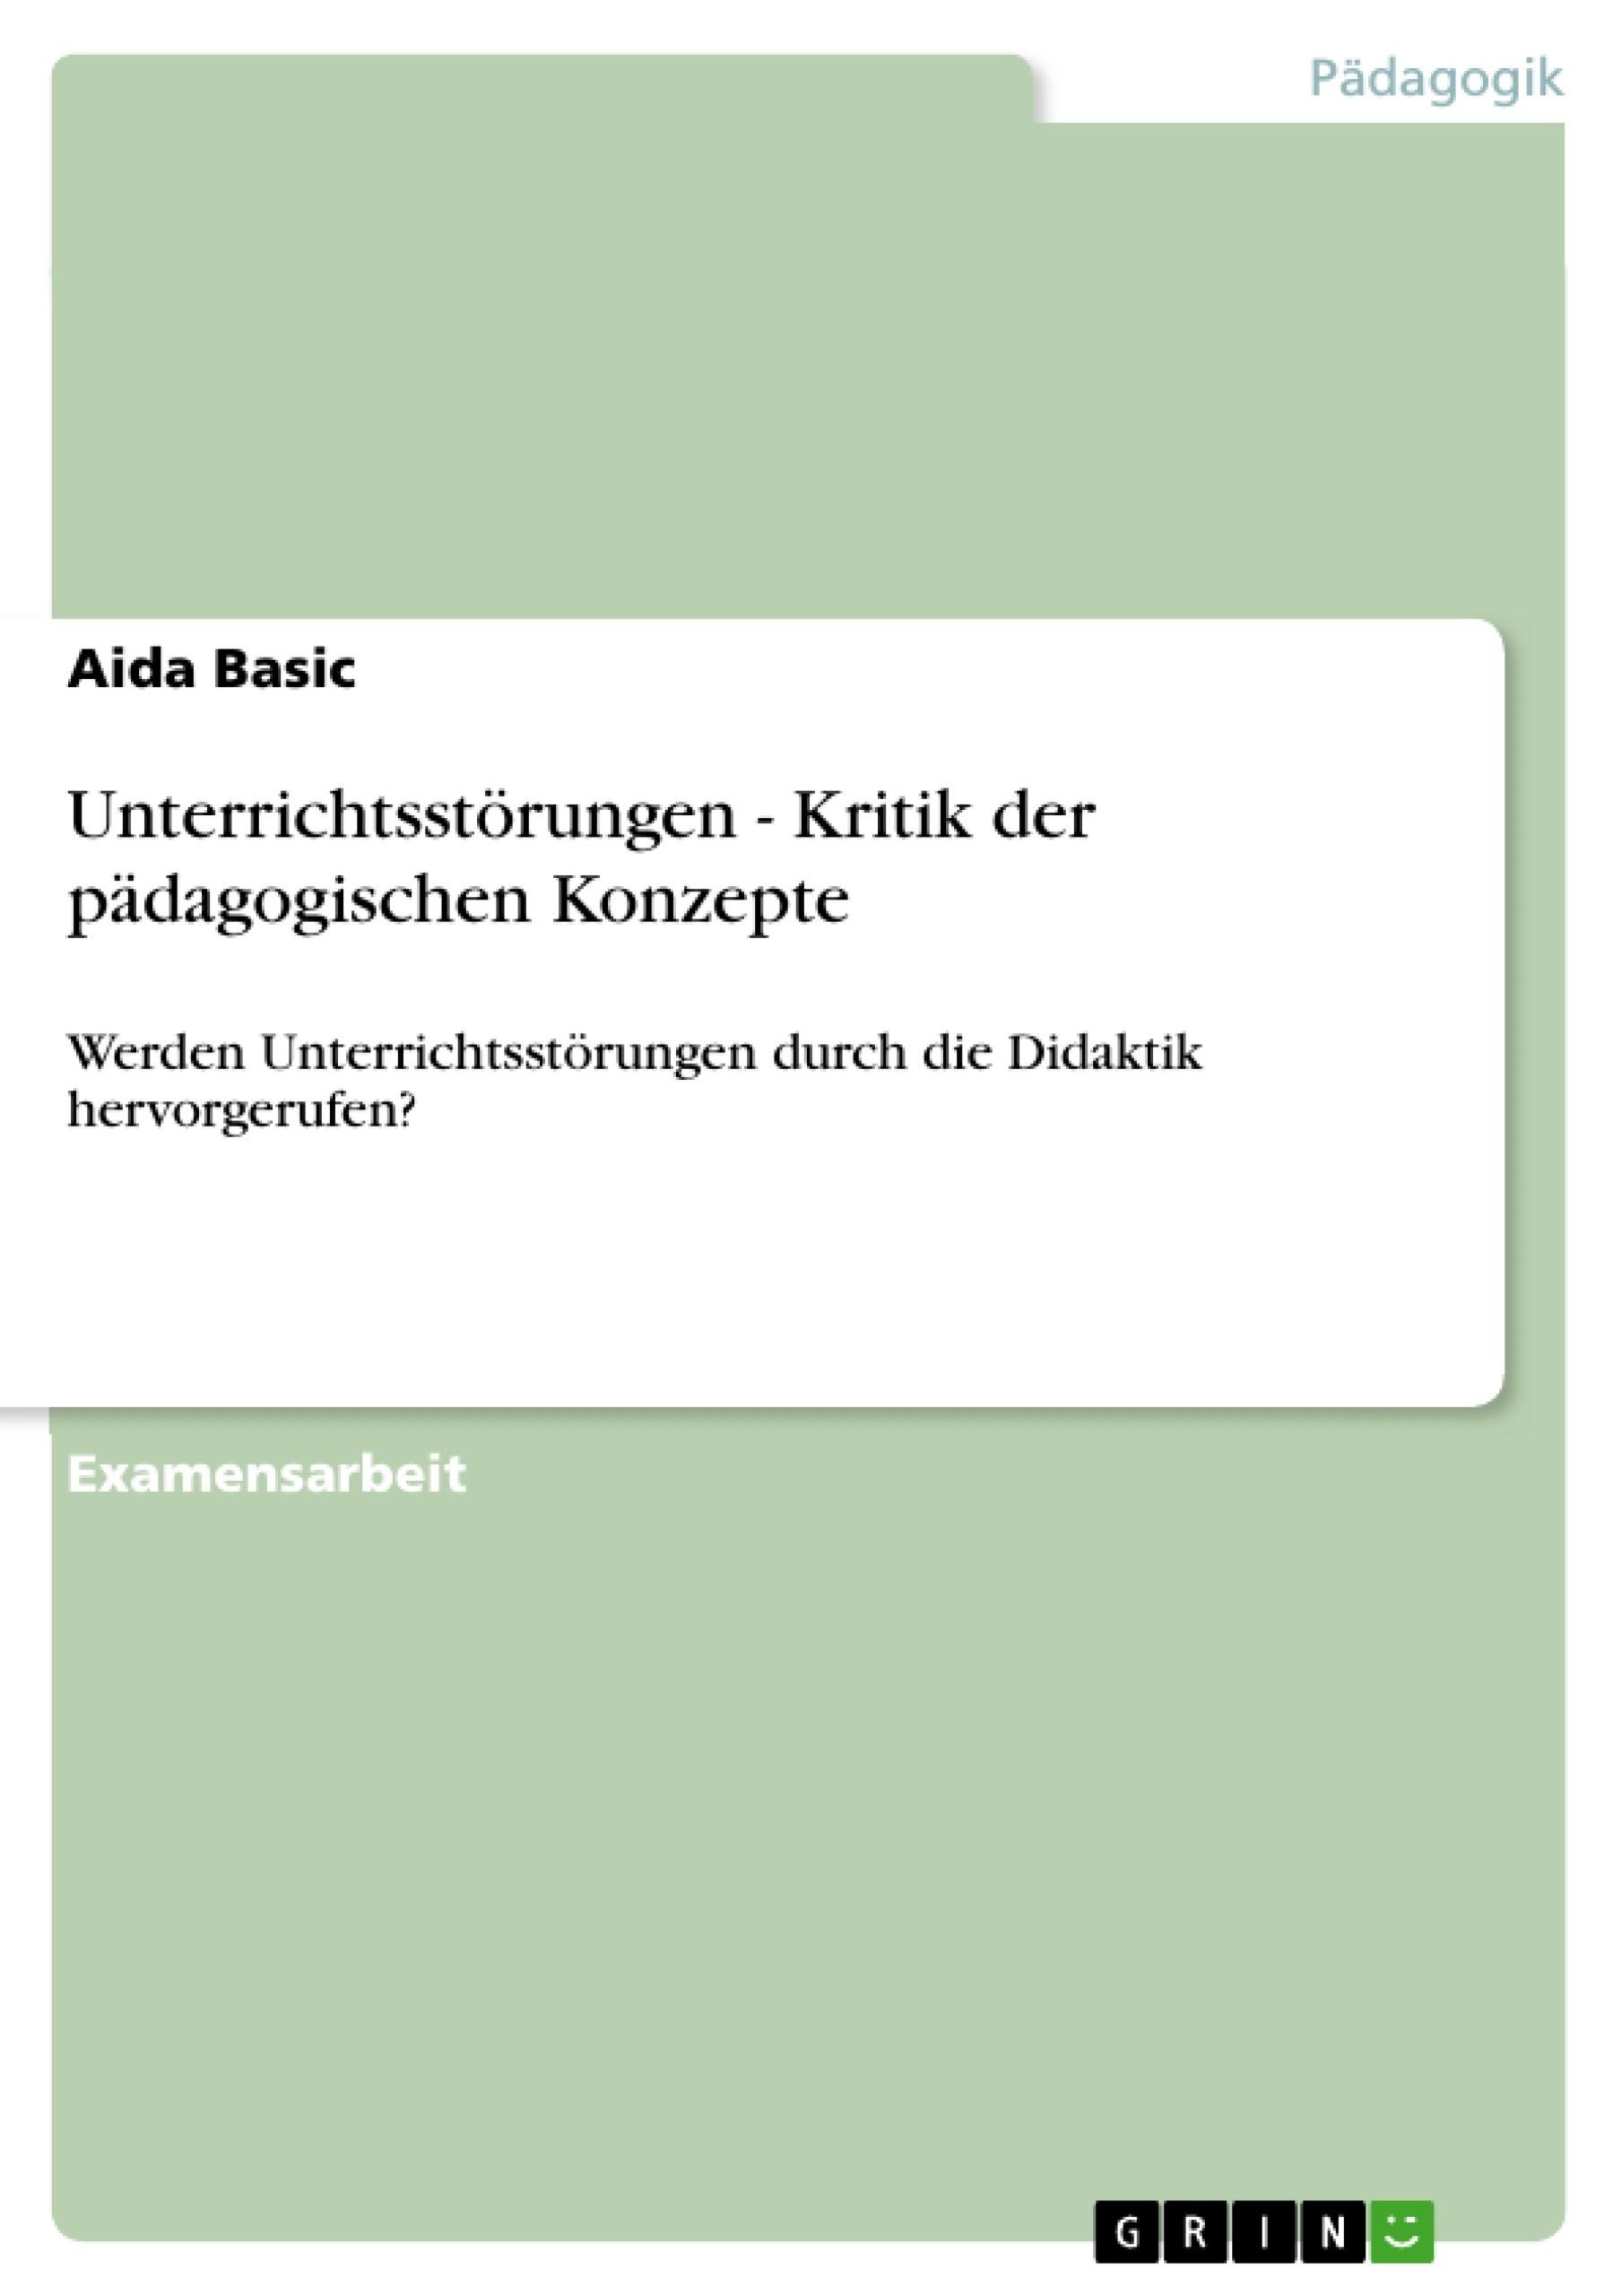 Titel: Unterrichtsstörungen - Kritik der pädagogischen Konzepte